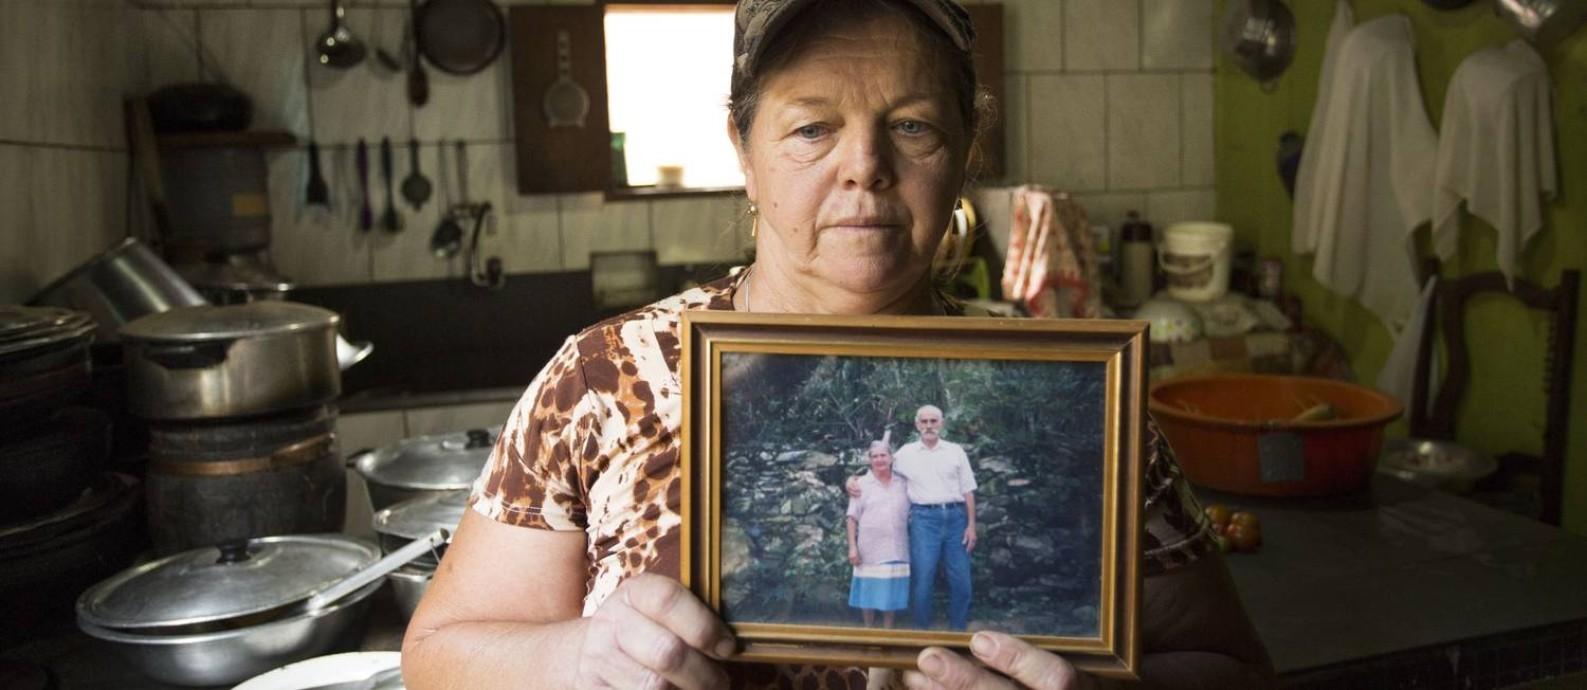 """Valdalice Arcanjo mostra foto da sogra Terezinha, que morreu em agosto à espera de recuperar o que construíra com o marido por 60 anos: """"A lama arrasou com a vida da nossa família, mudou tudo, acabou a alegria"""" Foto: Ana Branco / Agência O Globo"""